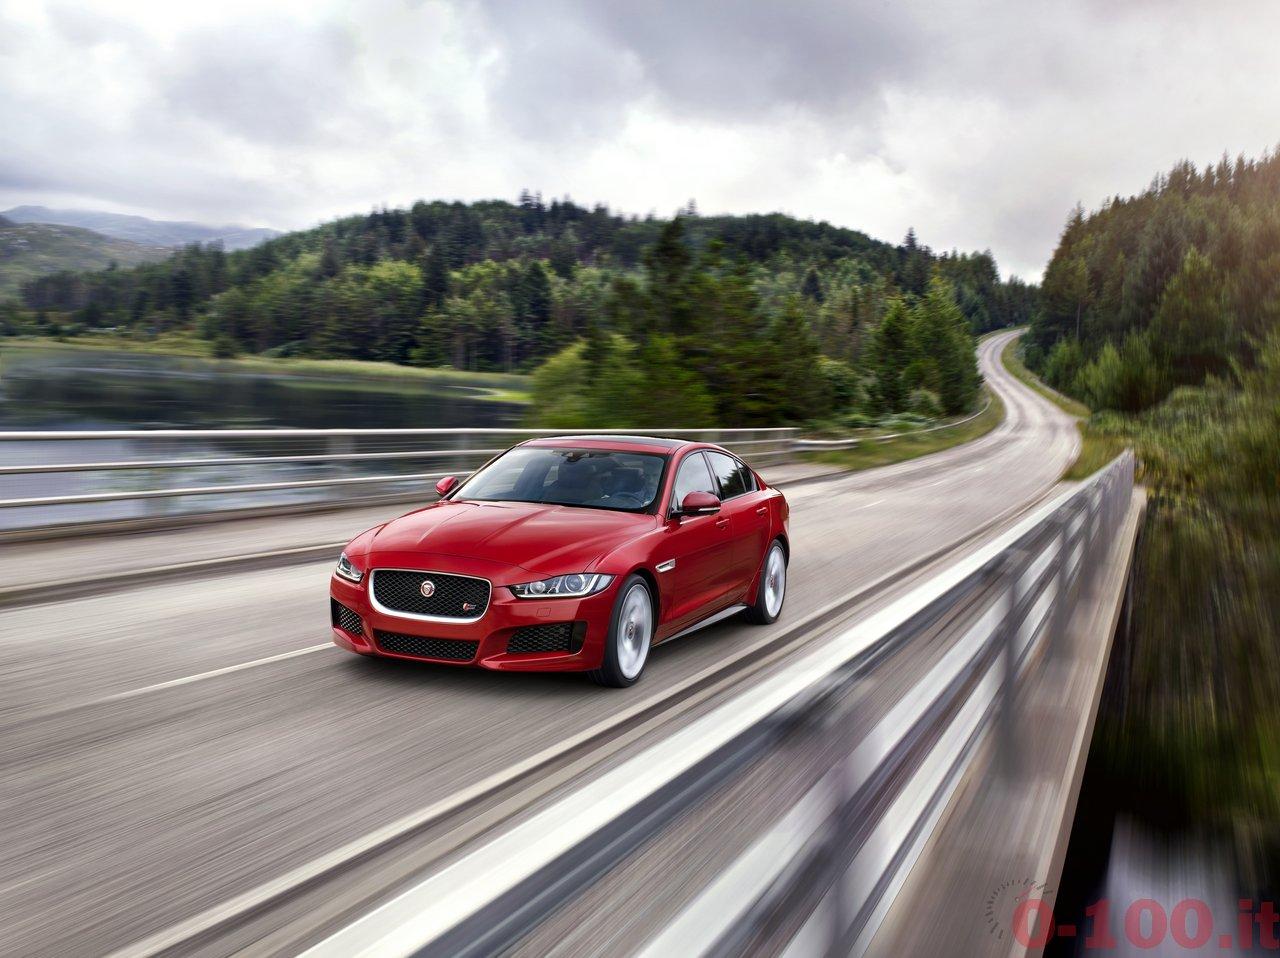 jaguar-xe-s-prezzo-price-2015_0-100_12